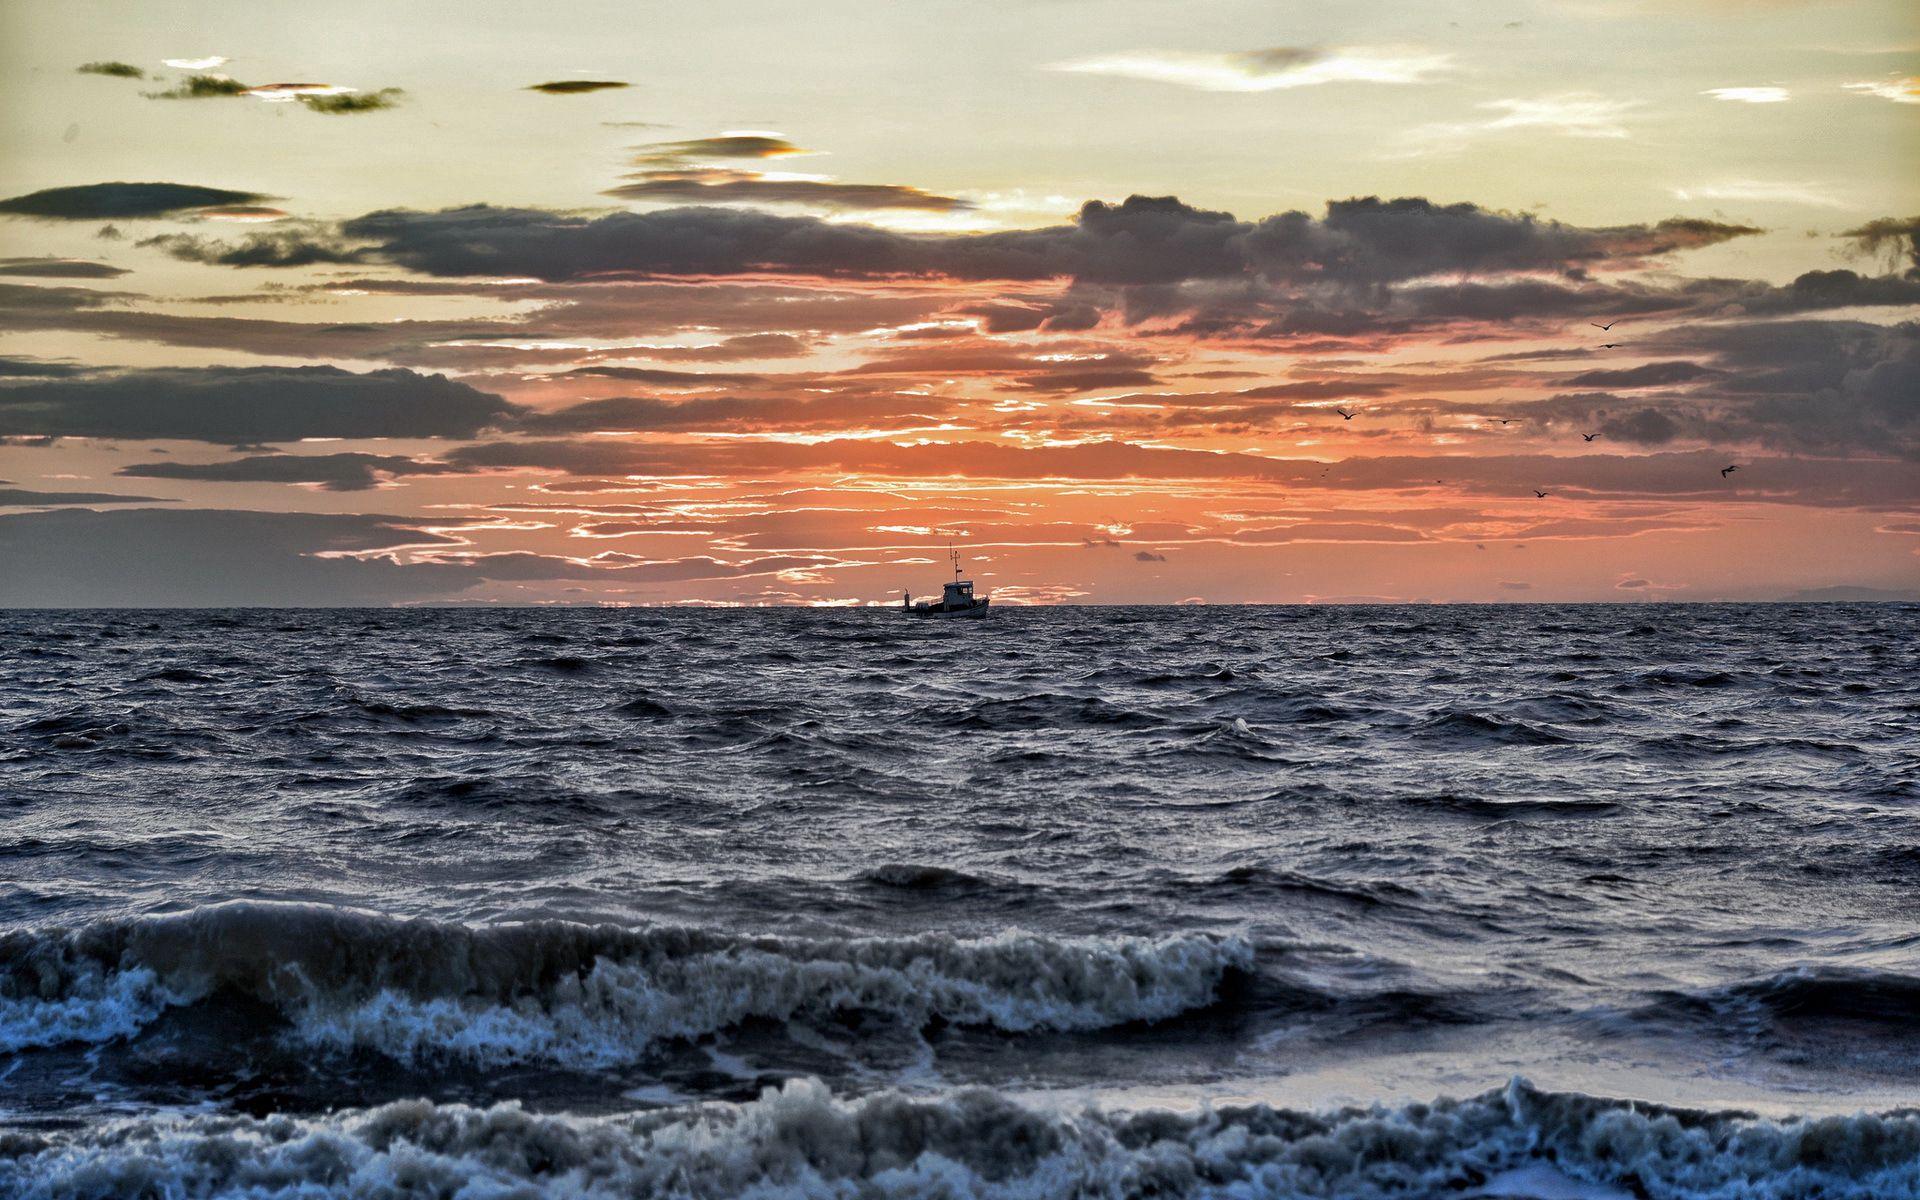 110546 Заставки и Обои Волны на телефон. Скачать Природа, Море, Небо, Горизонт, Волны картинки бесплатно